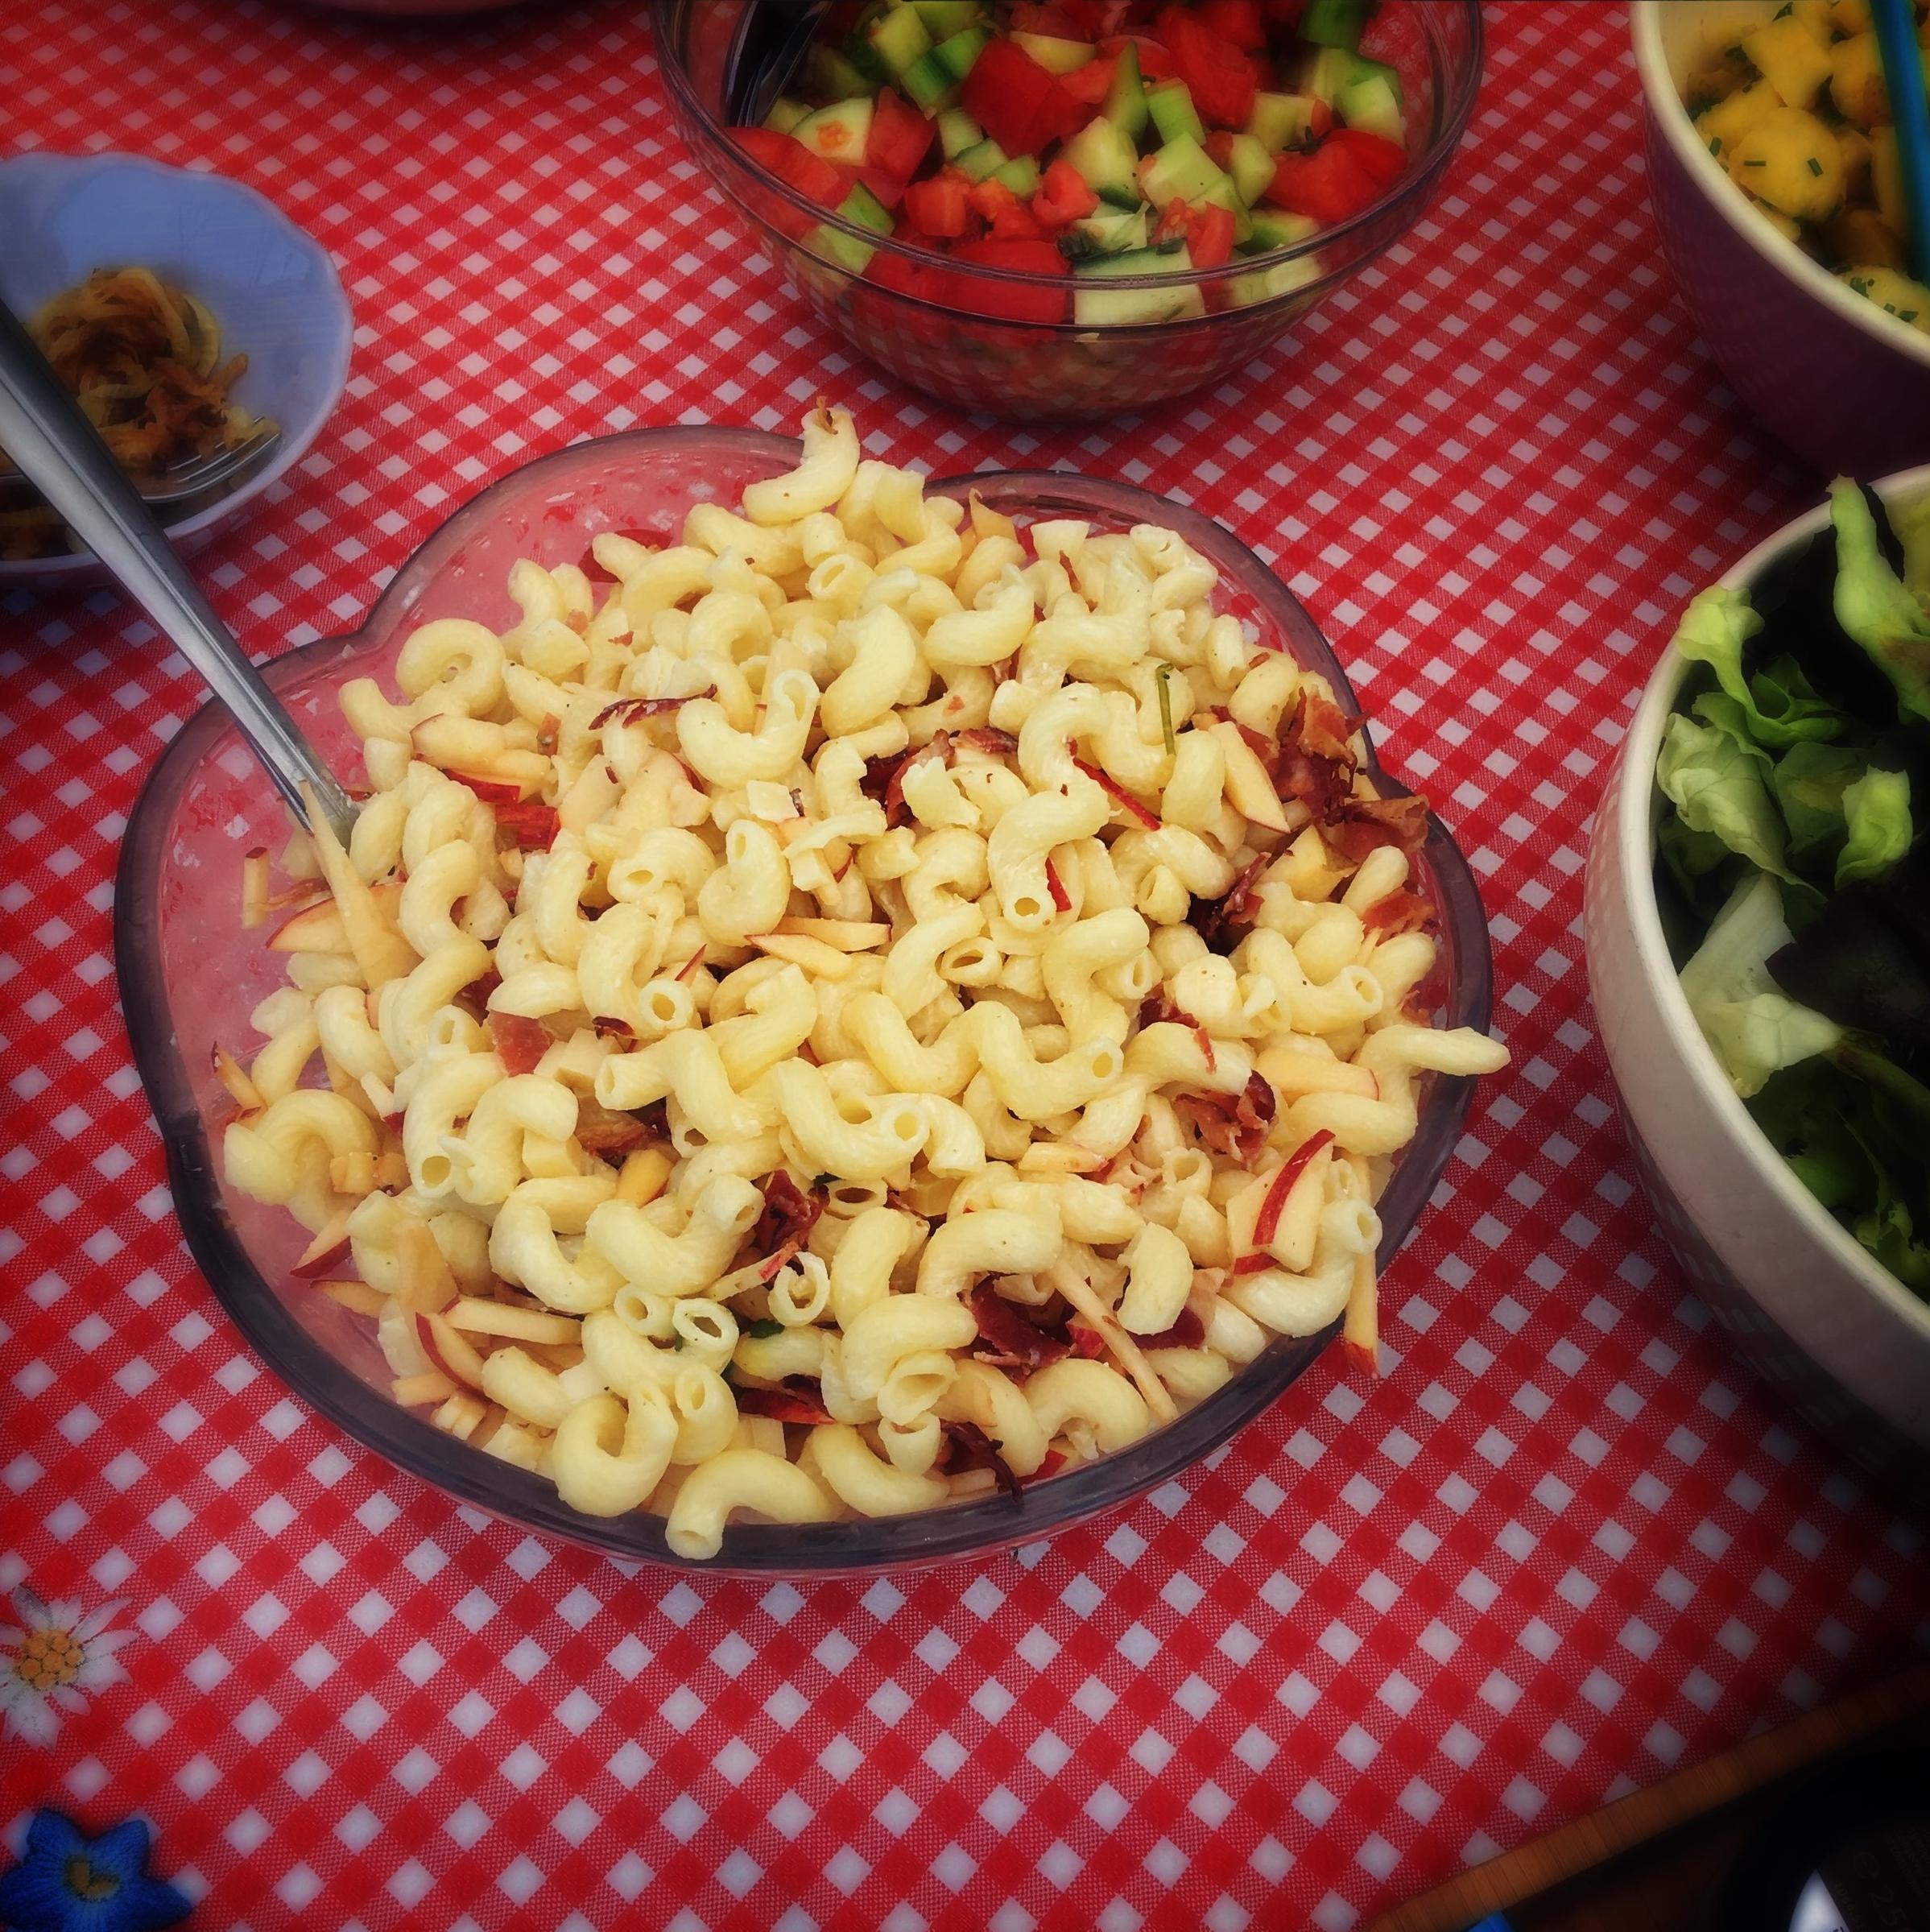 Älplermagrone Salad